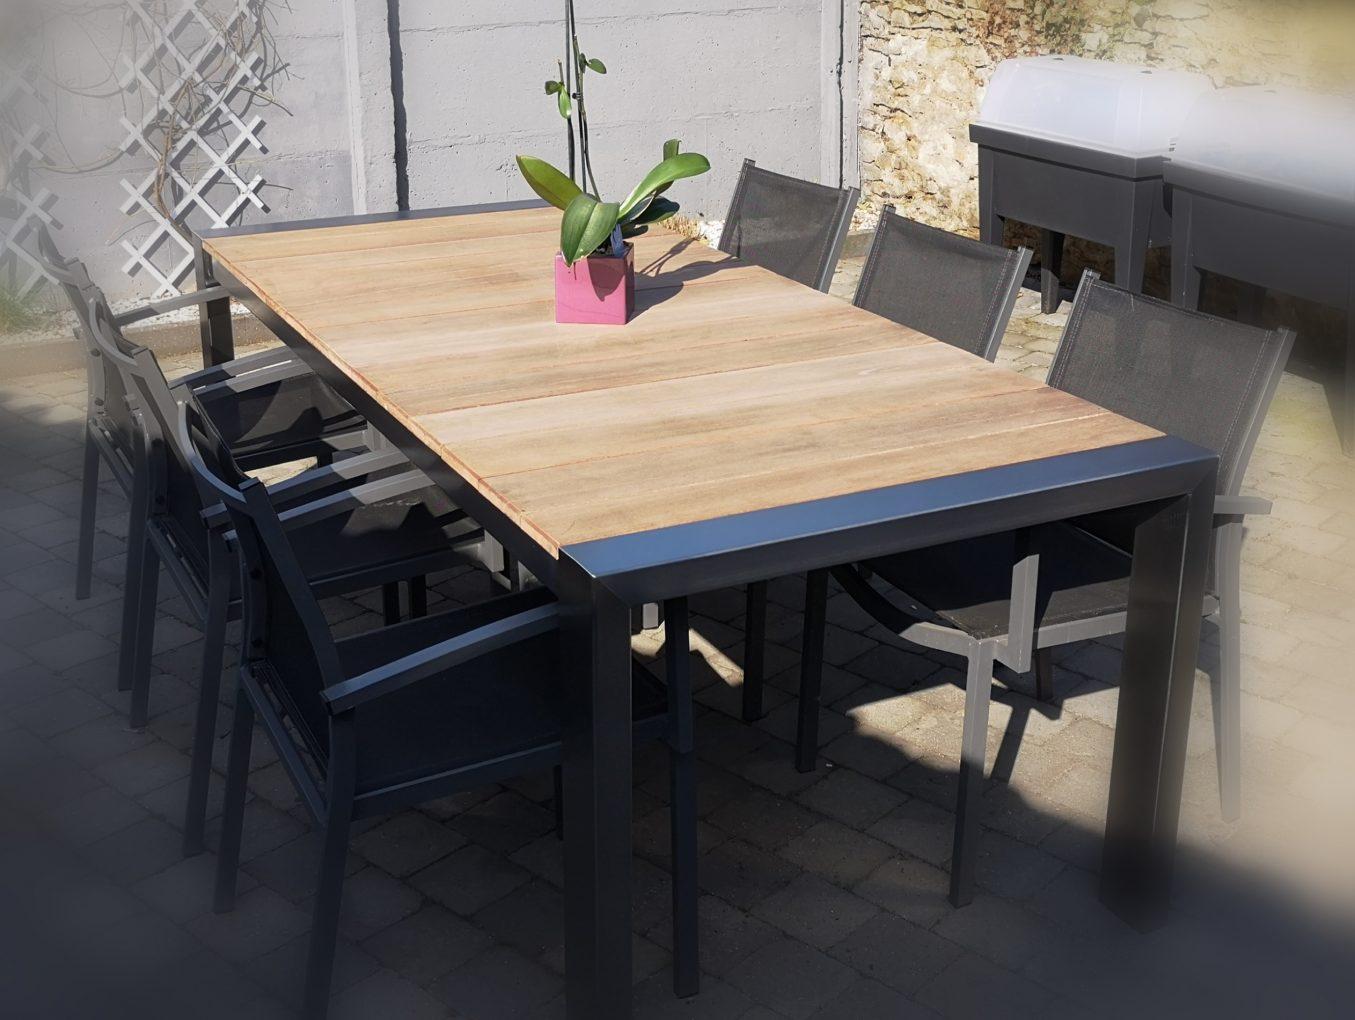 Table de salon de jardin inox et bois merbau - Spaninox